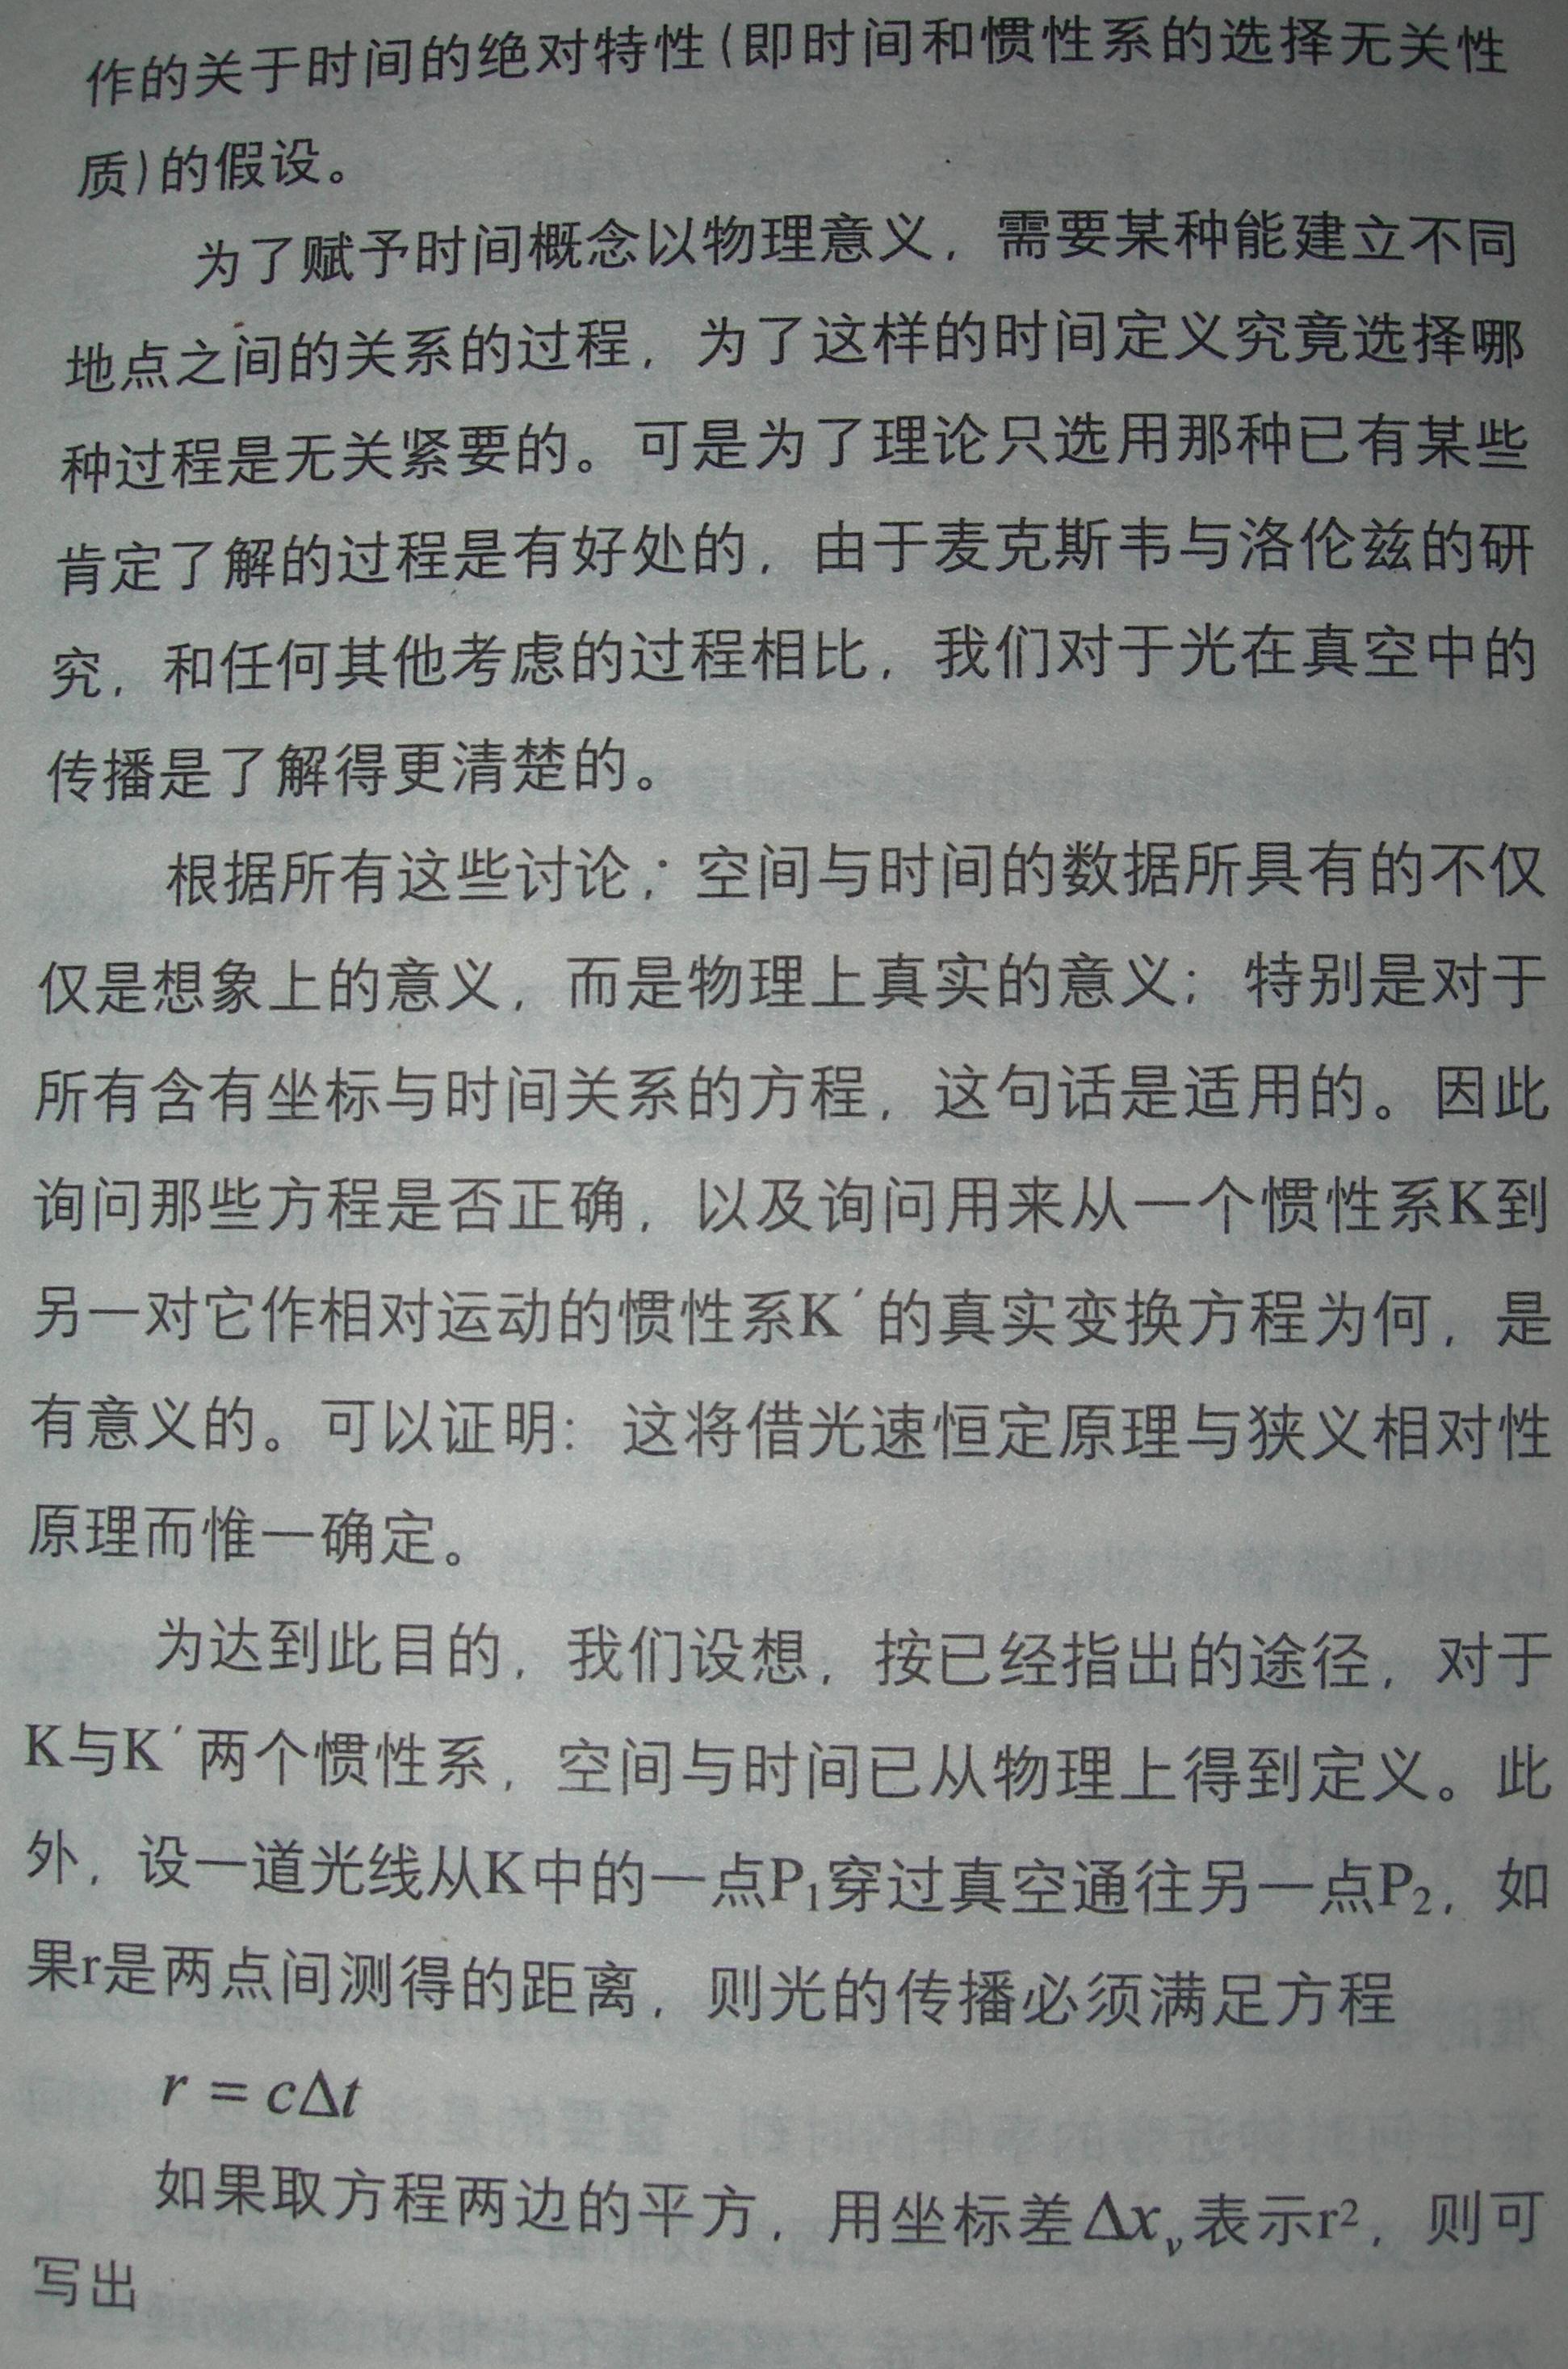 狭义相对论论文5.JPG